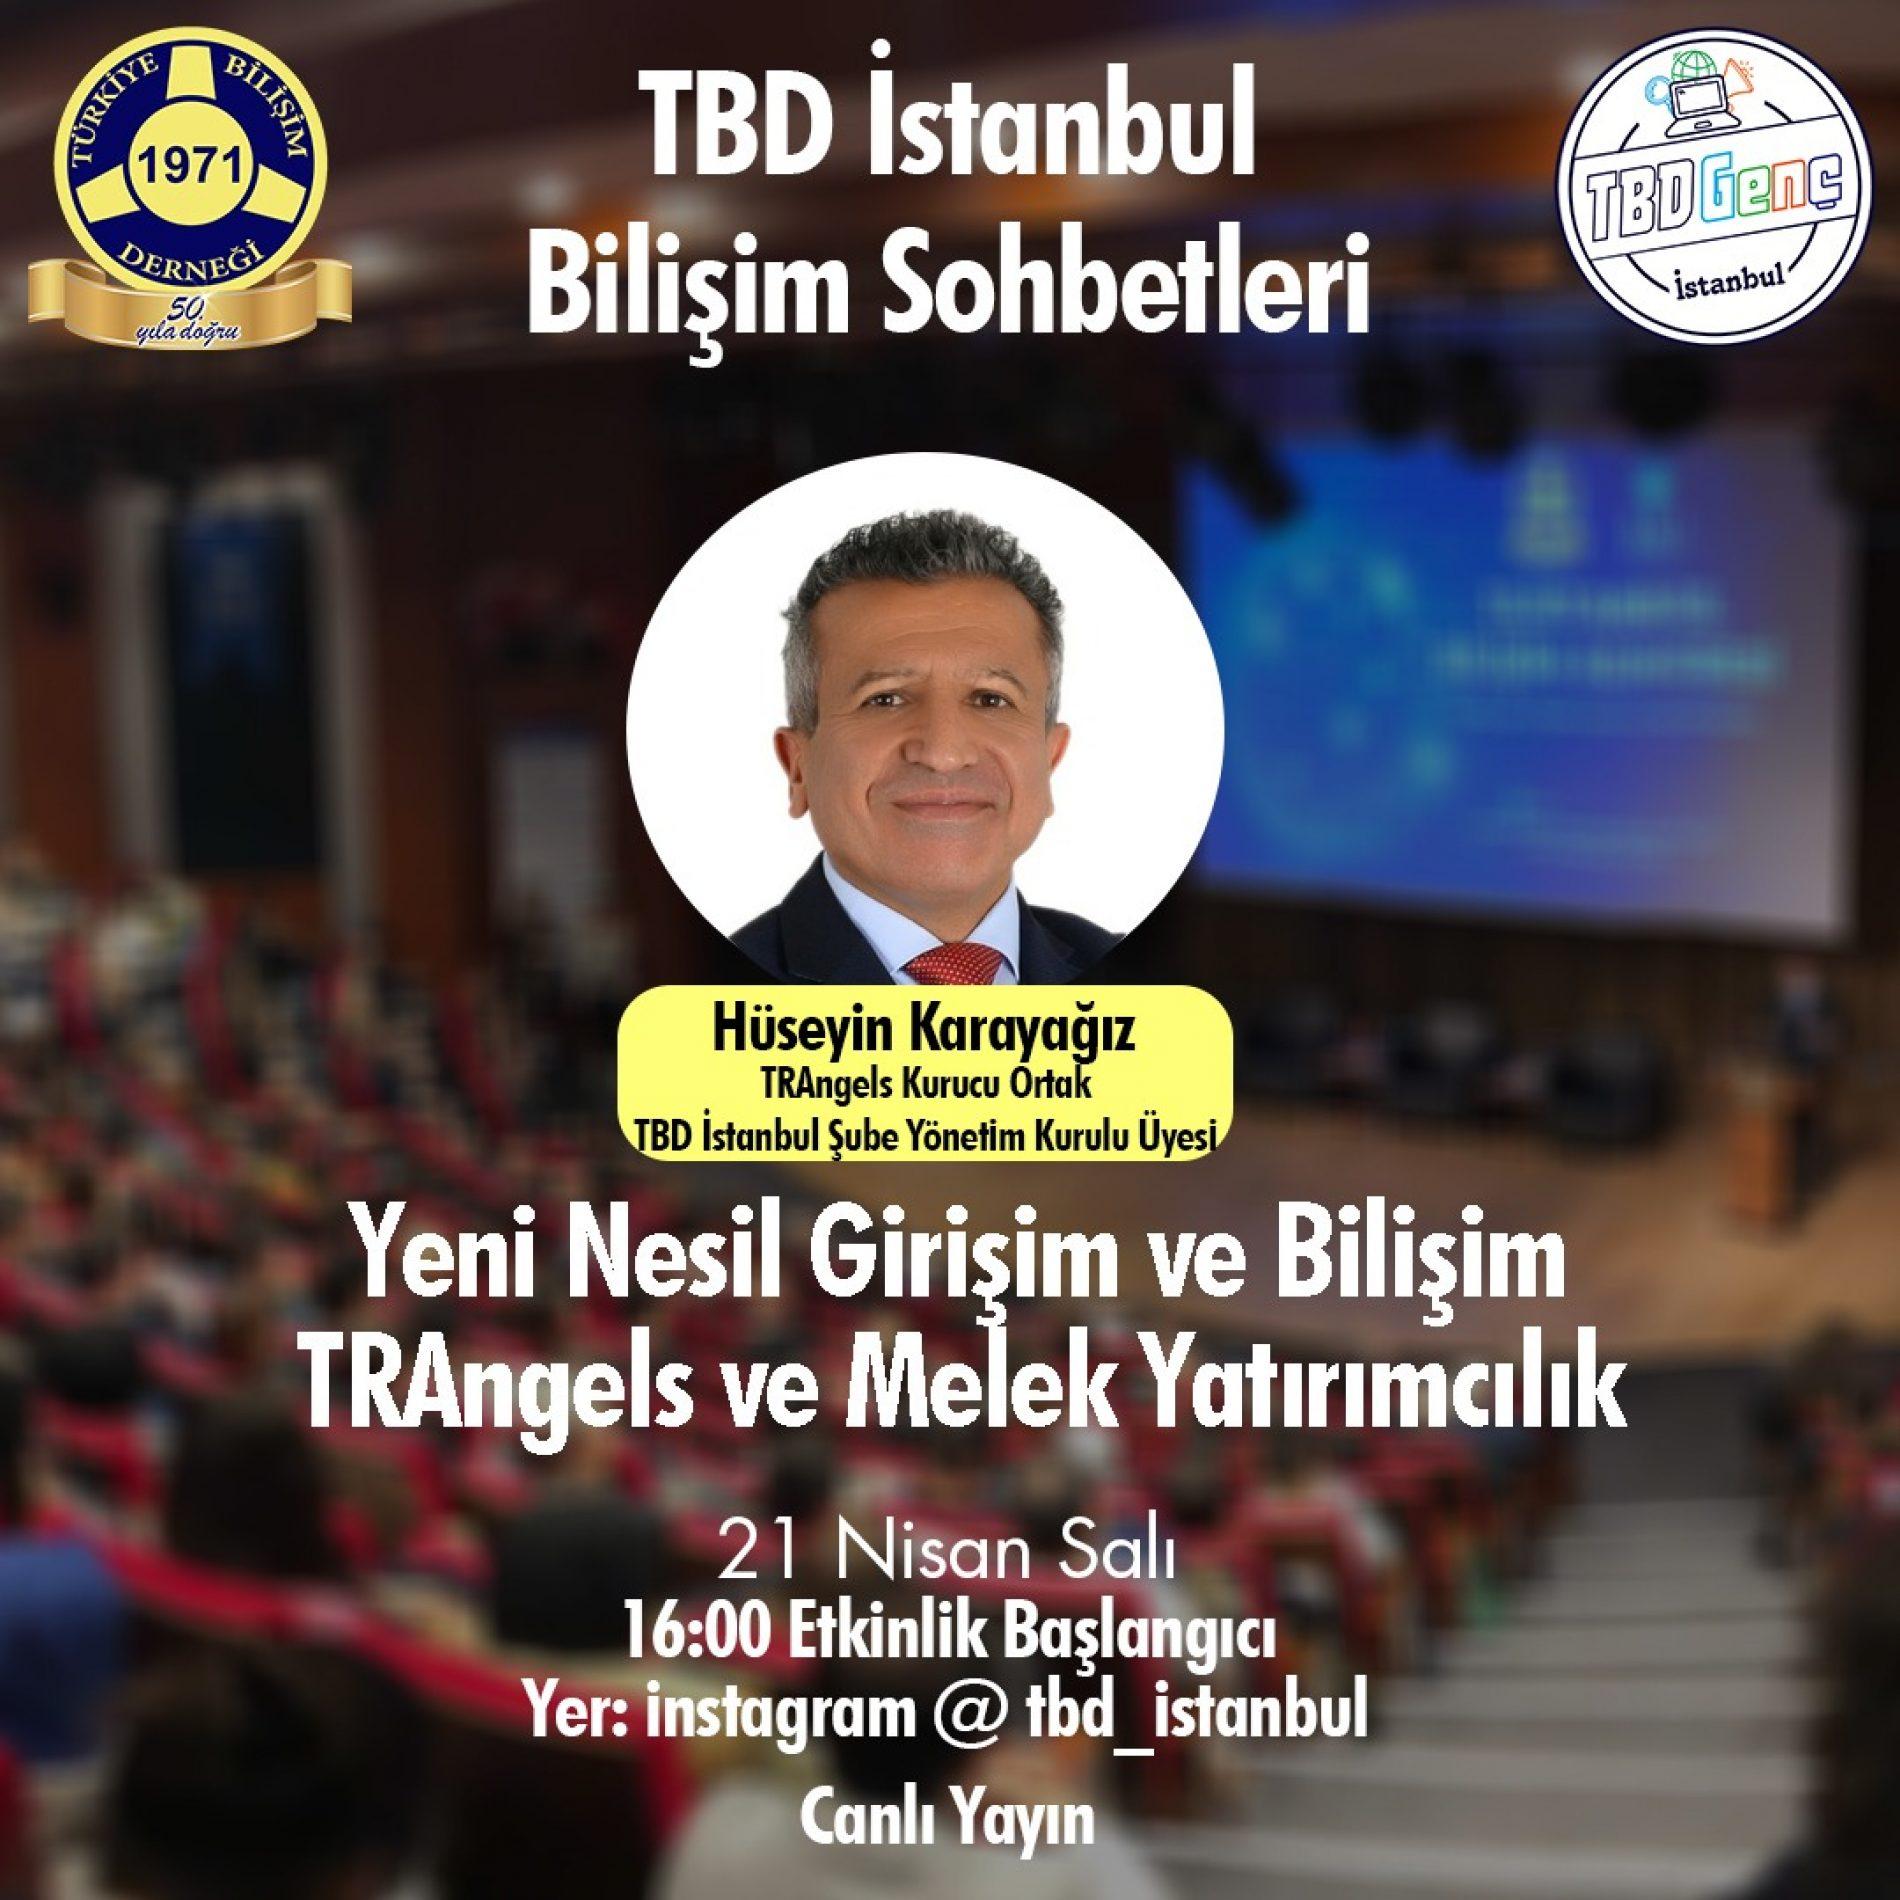 TBD İstanbul Bilişim Sohbetleri: Yeni Nesil Girişim ve Bilişim, TRAngels ve Melek Yatırımcılık